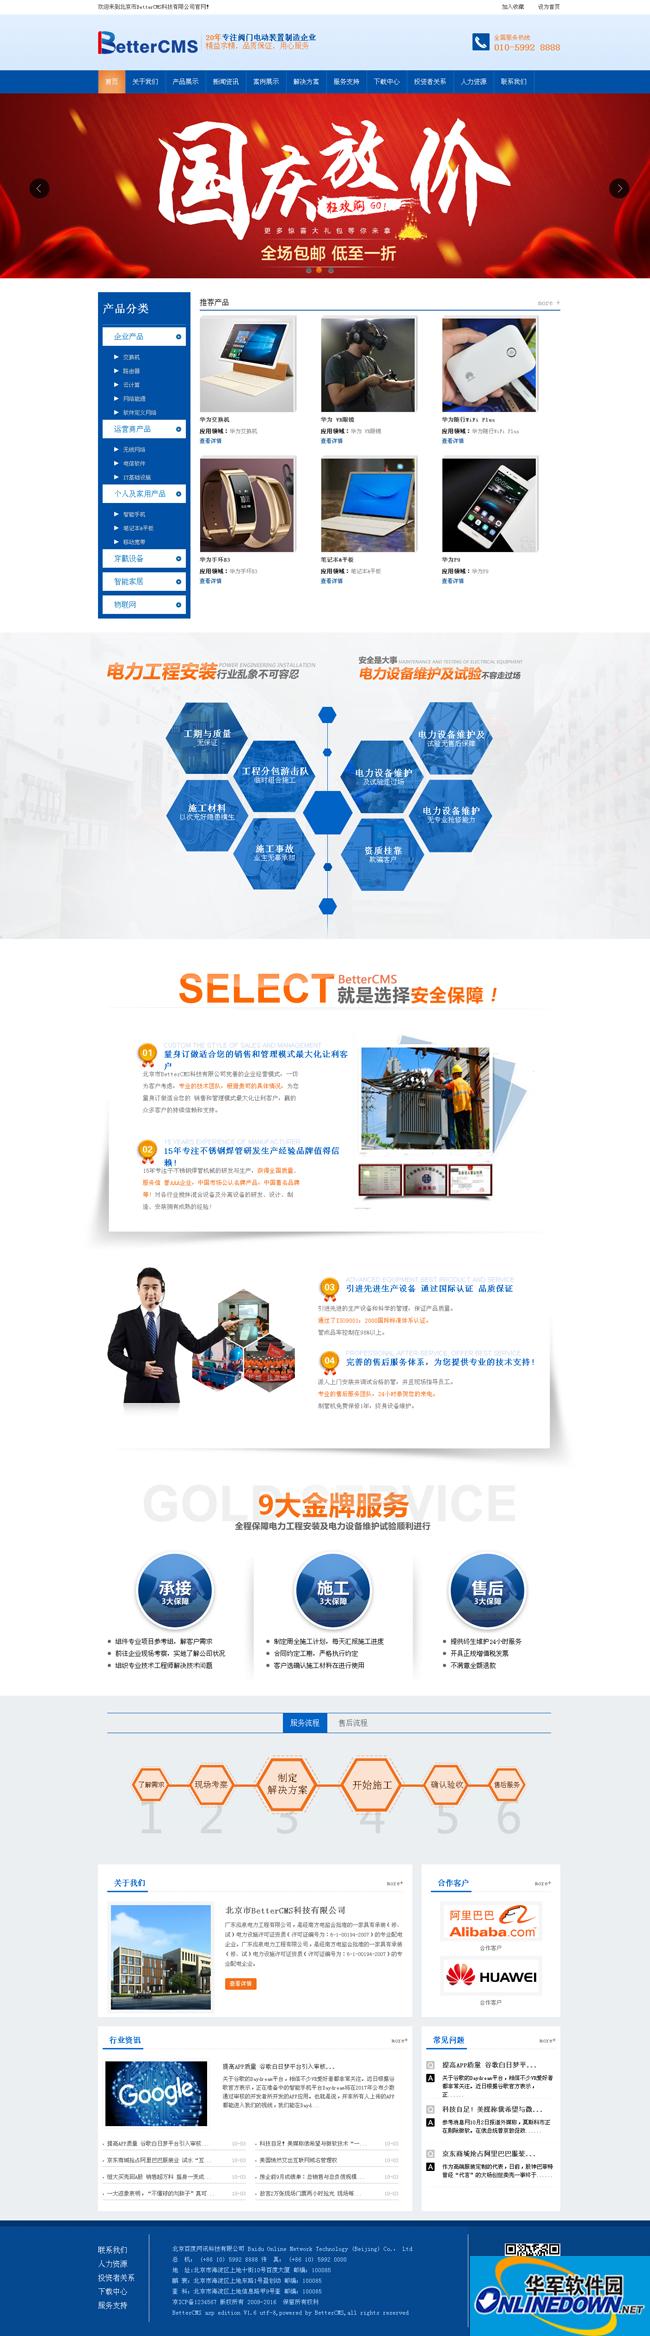 BetterCMS企业网站源码 1.6